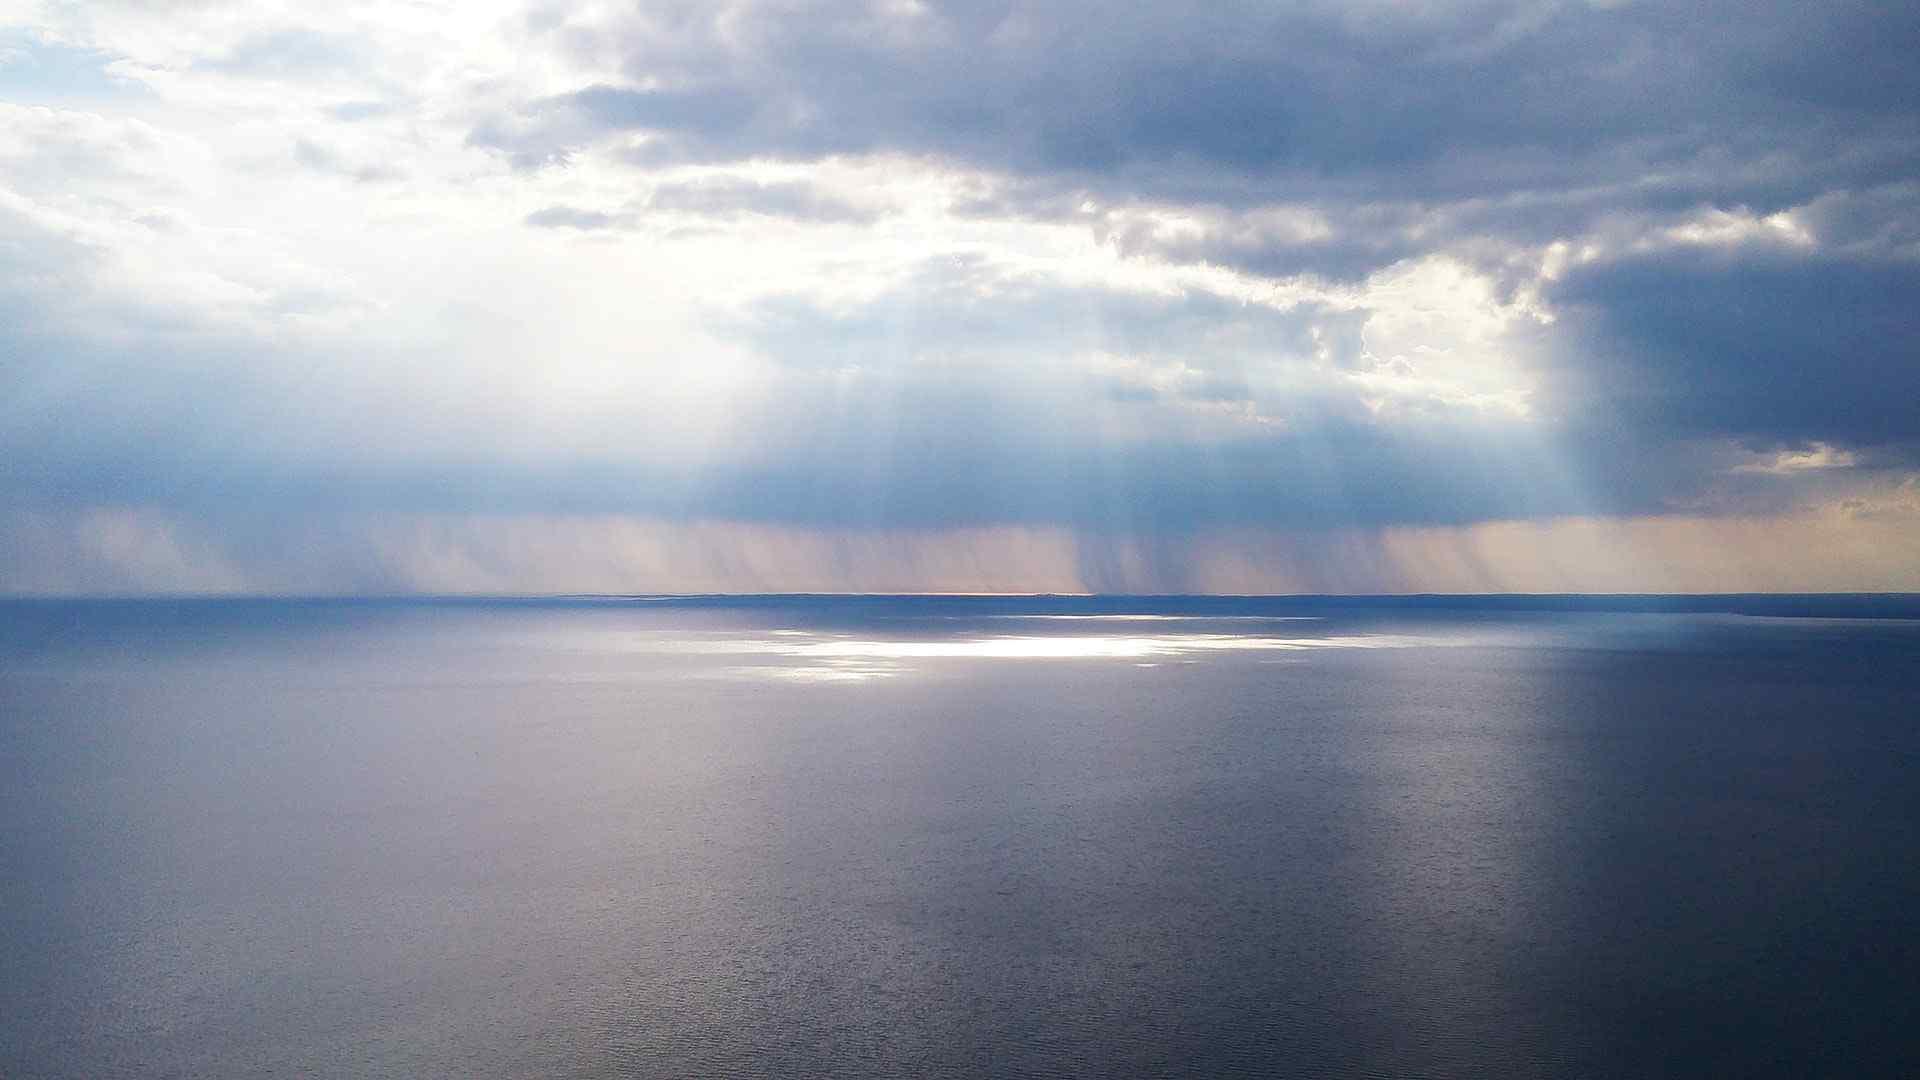 蔚蓝海洋风景壁纸